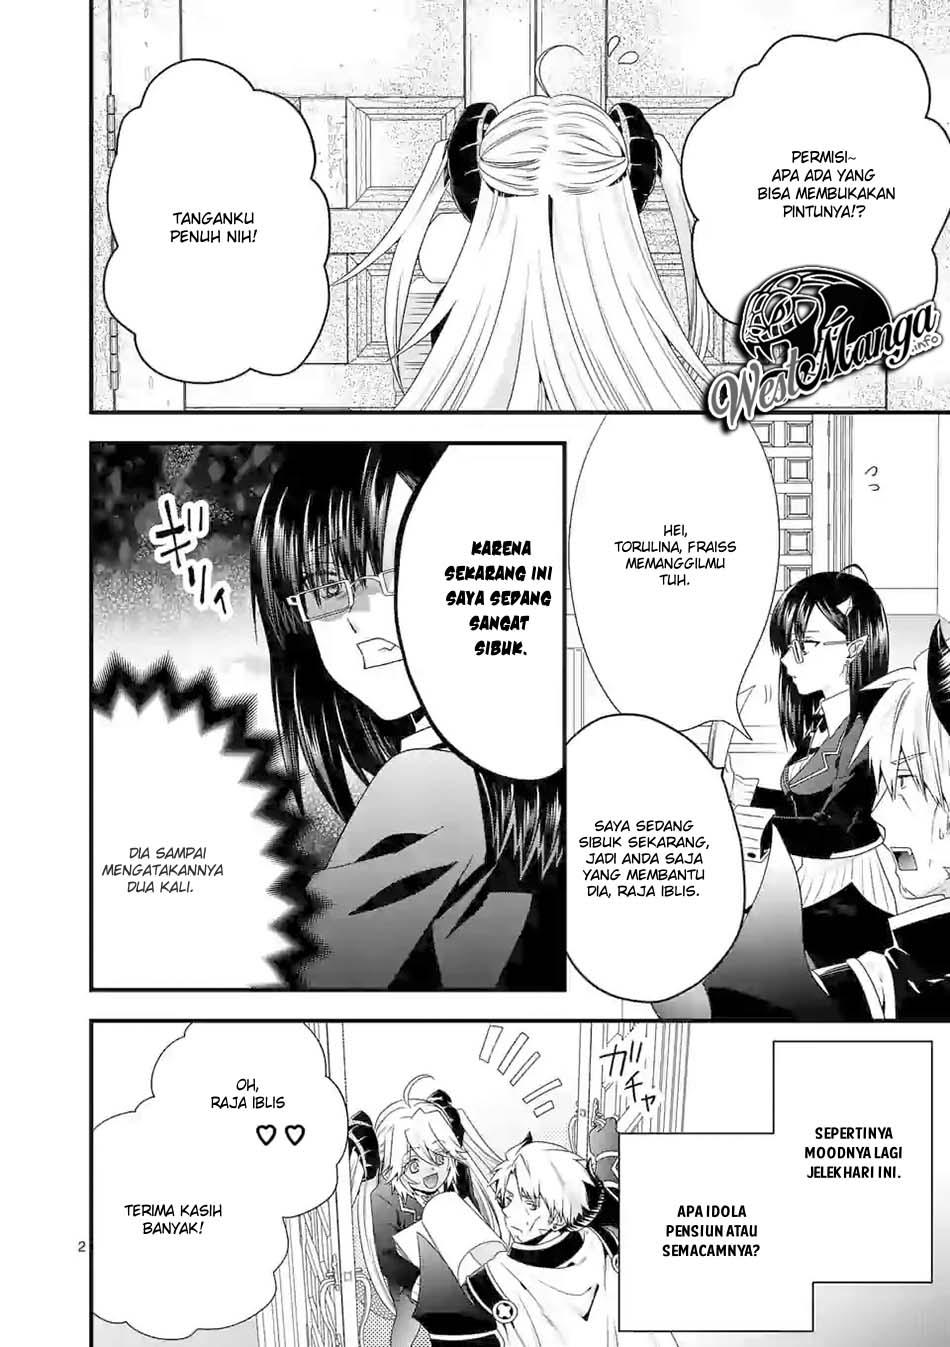 Maou desu Onna Yuusha no Hahaoya to Saikon Shita no de Onna Yuusha ga Giri no Musume ni Narimashita: Chapter 30 - Page 3